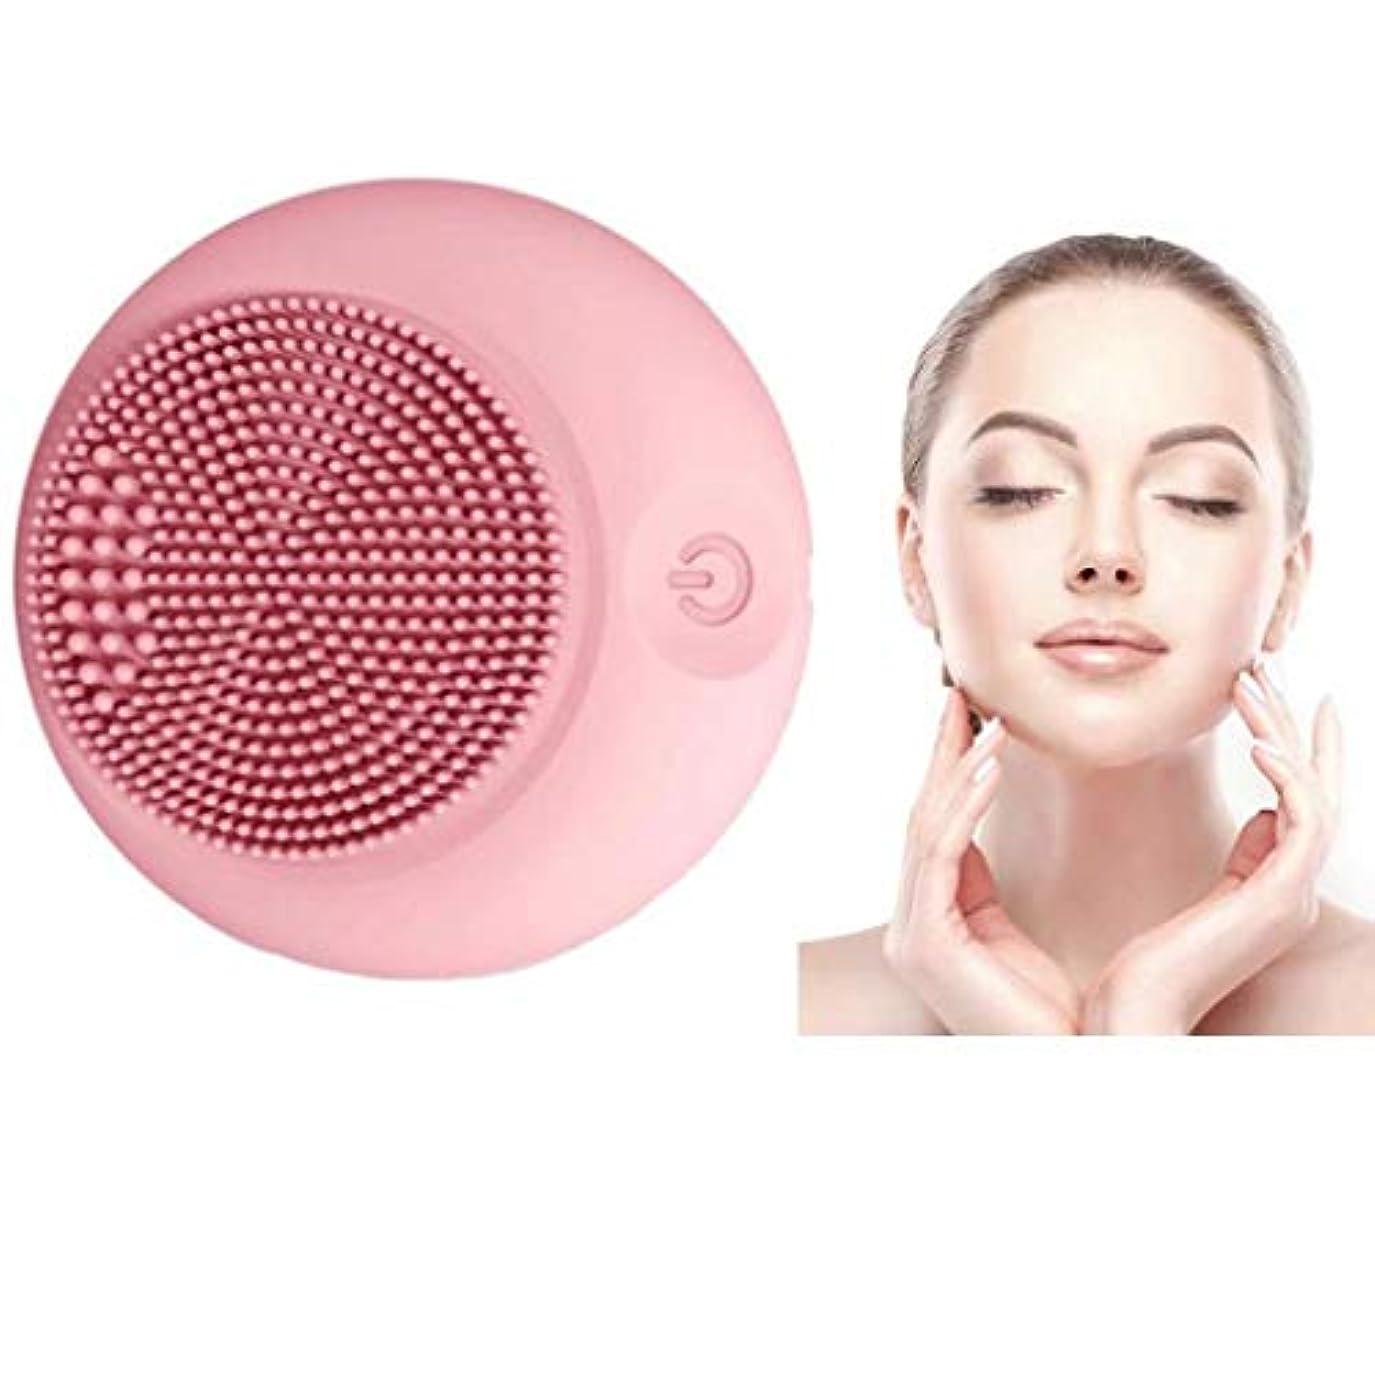 遡る彼らのレキシコンクレンジング楽器、シリコンクレンジングブラシ、電動ウォッシュブラシ、シリコンフェイシャルマッサージ、ポータブル超音波振動、肌を清潔に保ち、防水、すべての肌タイプに適して (Color : Pink)